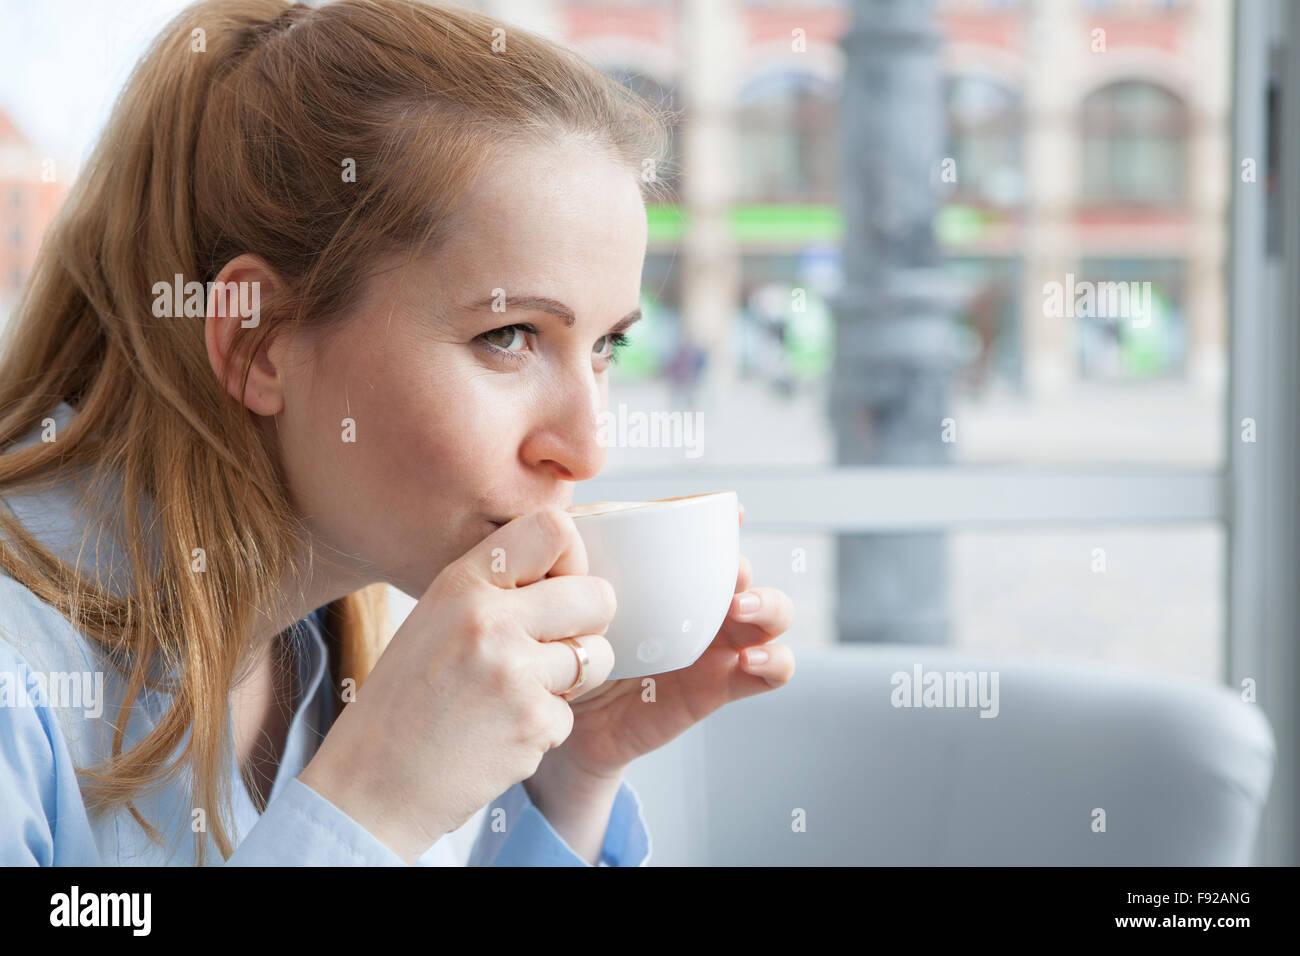 Frau trinkt Kaffee Stockfoto